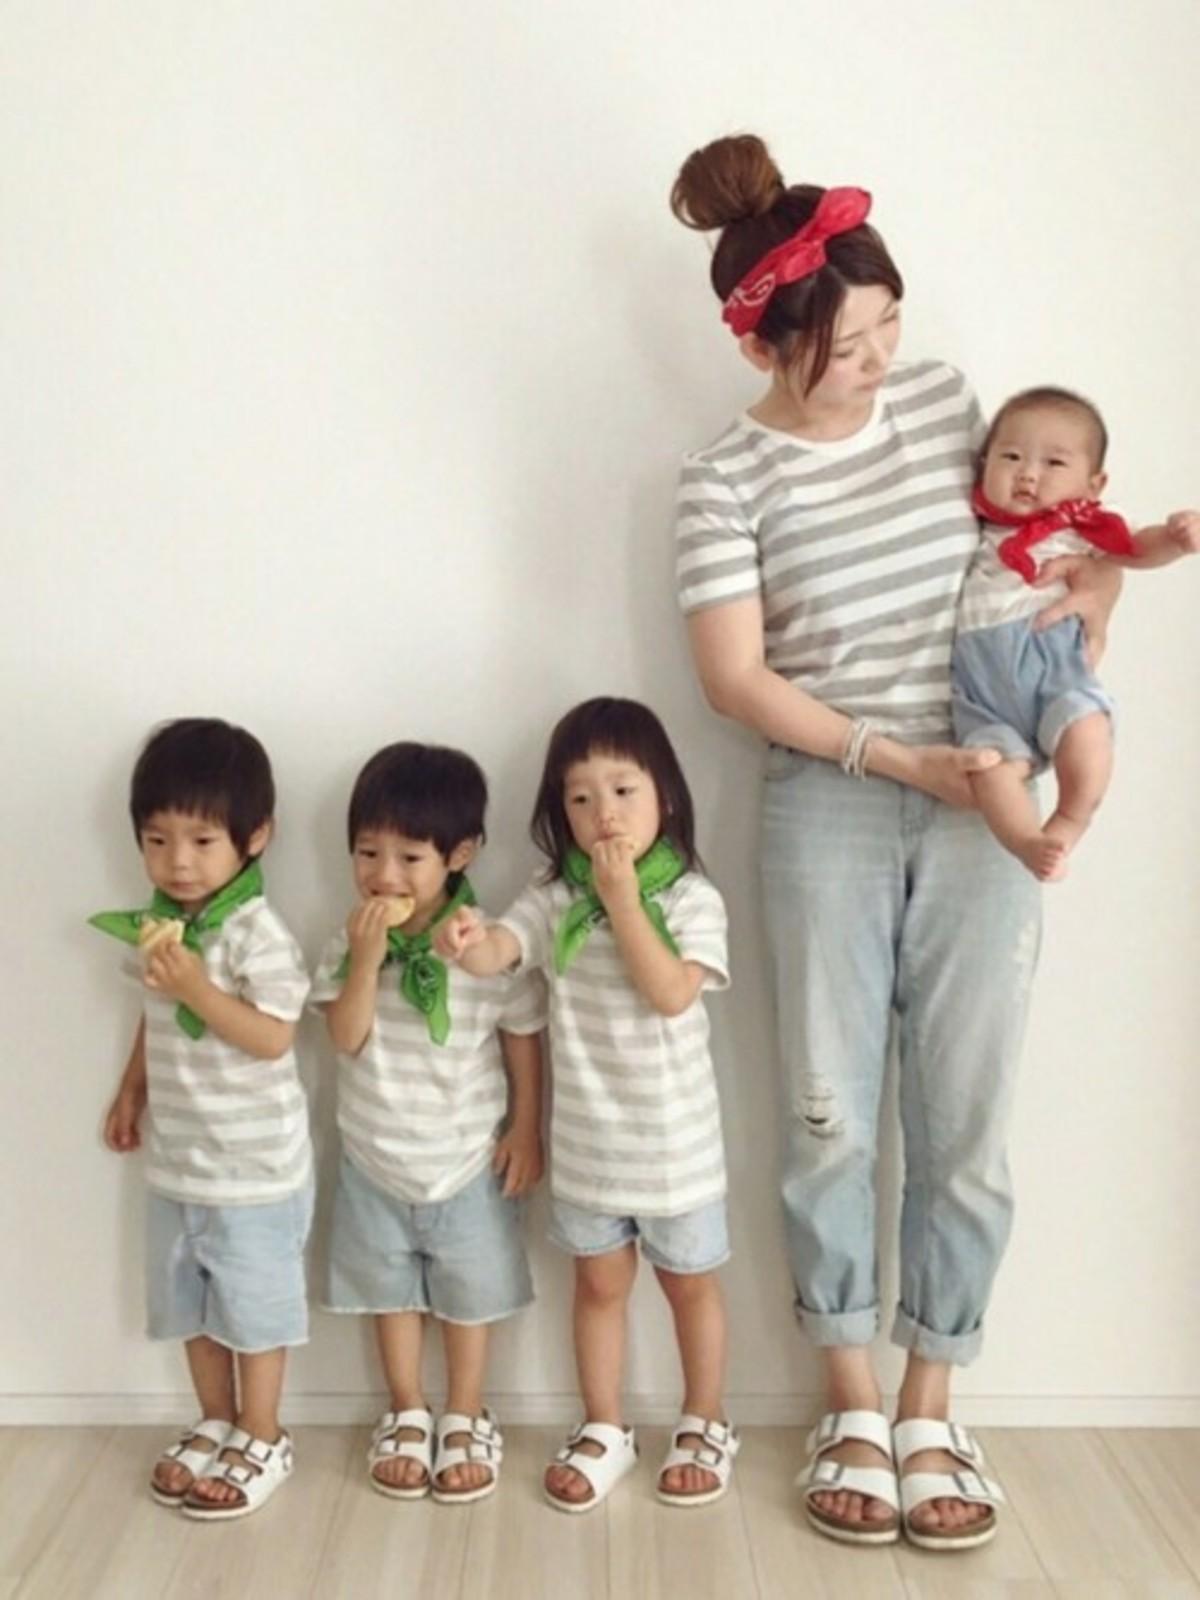 家族写真をおしゃれに撮るなら、簡単おそろいコー …